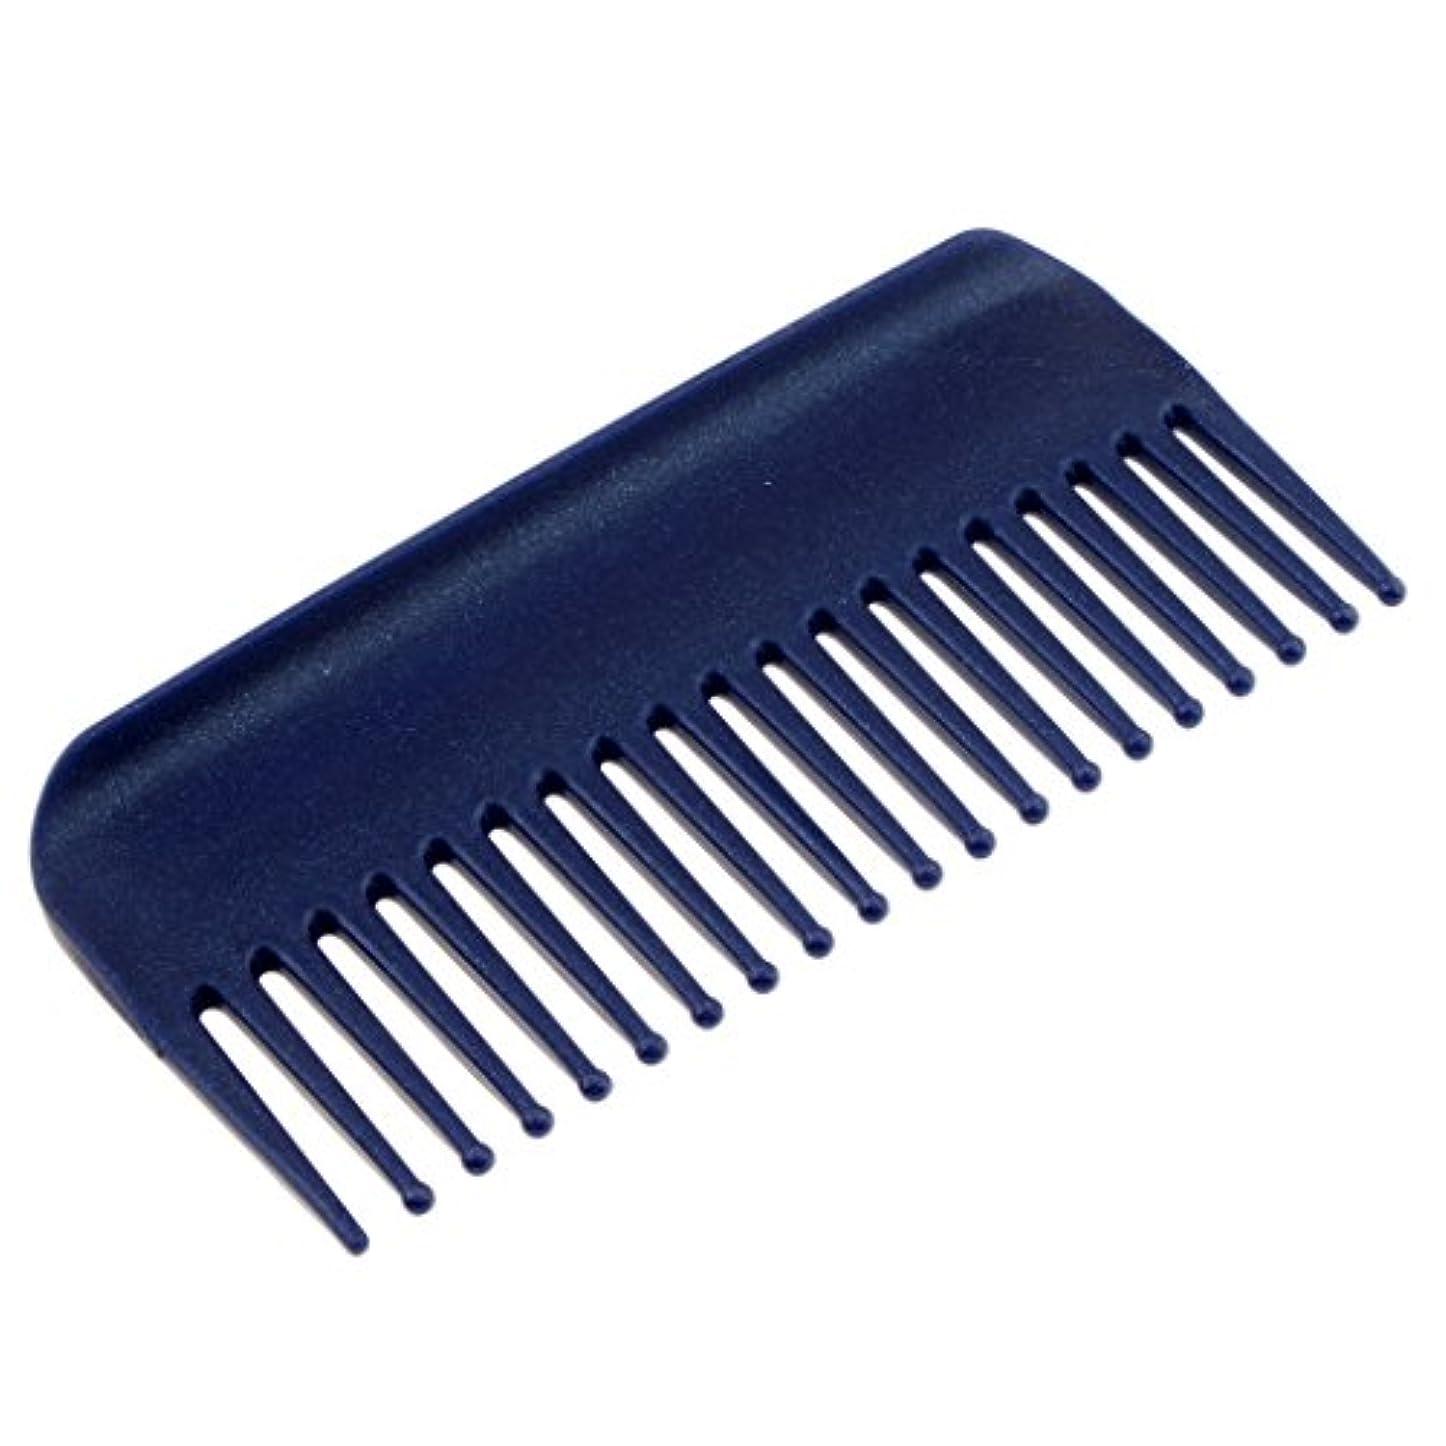 無声でマイクロ億Homyl ヘアコーム ヘアブラシ コーム 櫛 くし 頭皮 マッサージ 耐熱性 帯電防止 便利 サロン 自宅用 4色選べる - 青